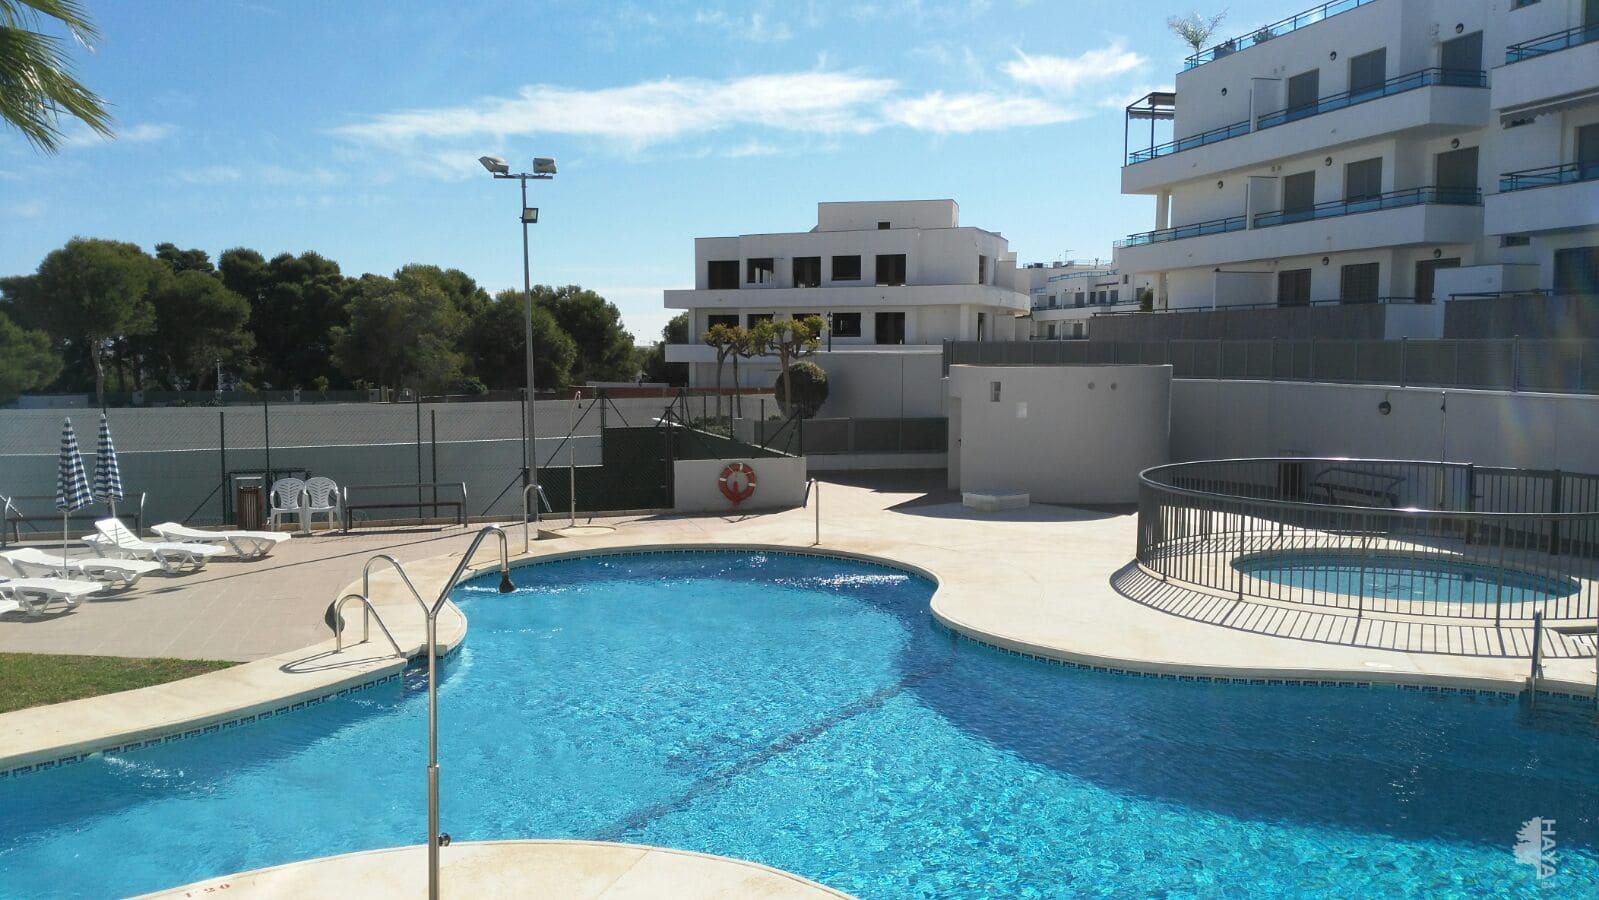 Piso en venta en Garrucha, Garrucha, Almería, Calle Murillo, 91.100 €, 2 habitaciones, 2 baños, 74 m2